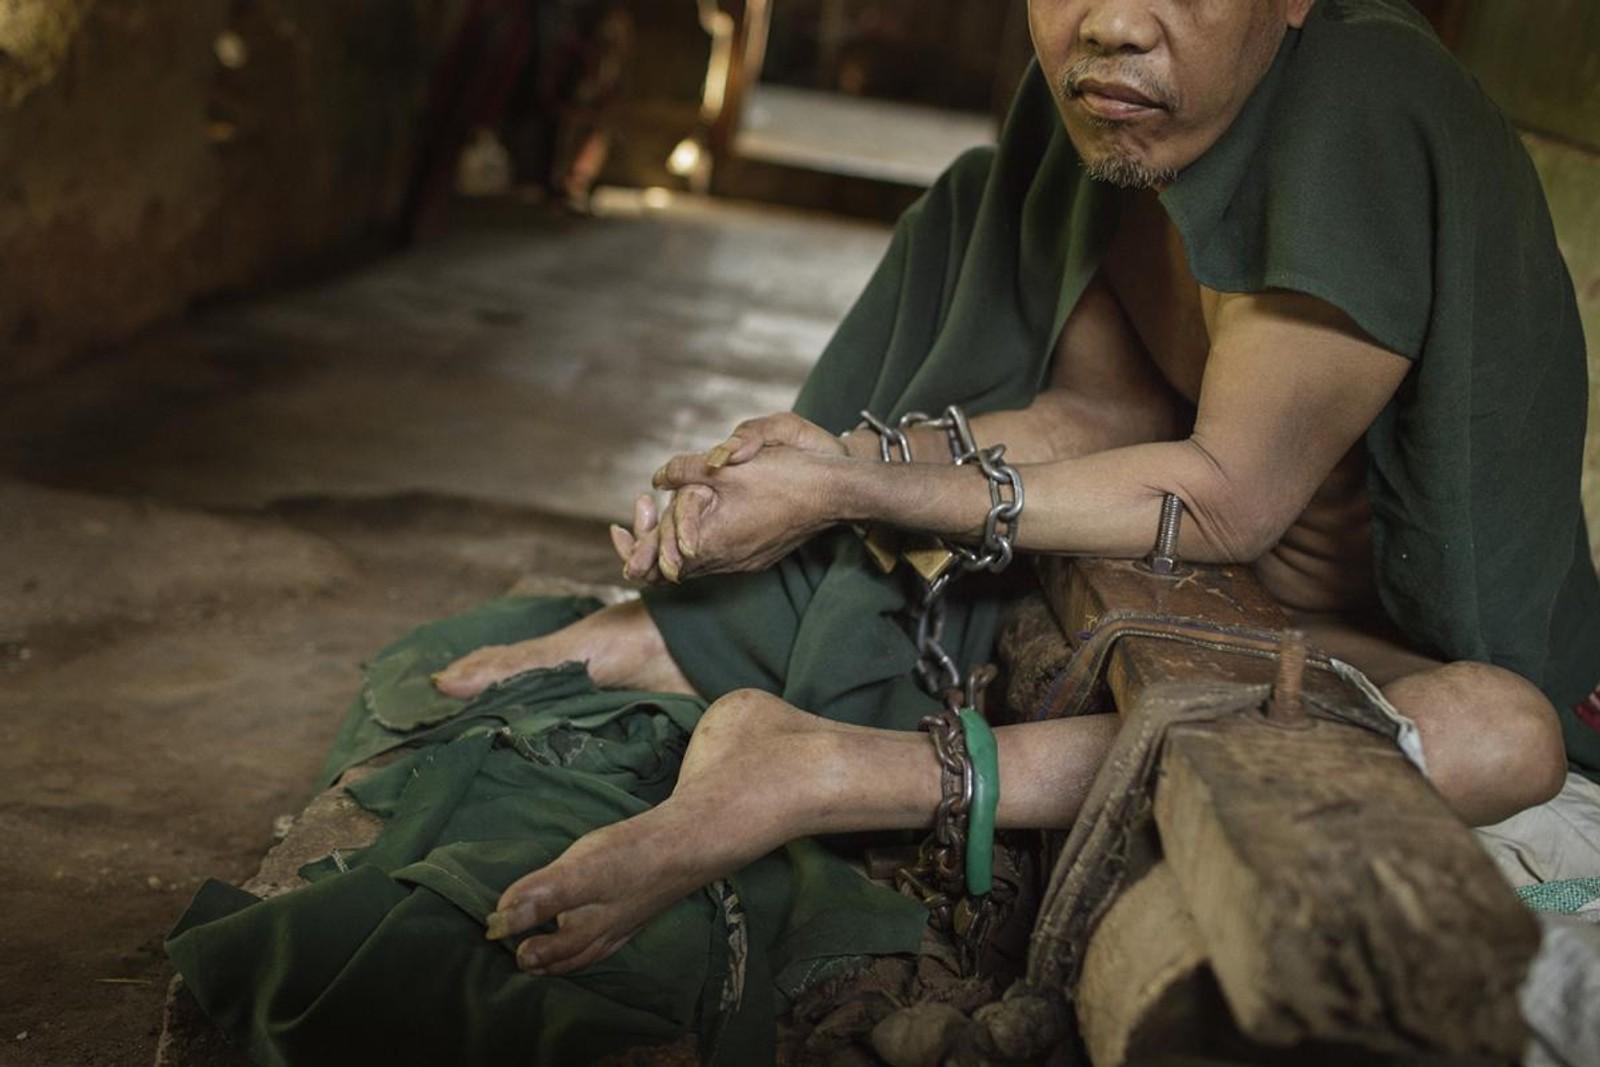 Denne mannen var lenket fast i ni år, ifølge rapporten til Human Rights Watch. Beina hans skal ha vært svært skadet da han ble sluppet fri.